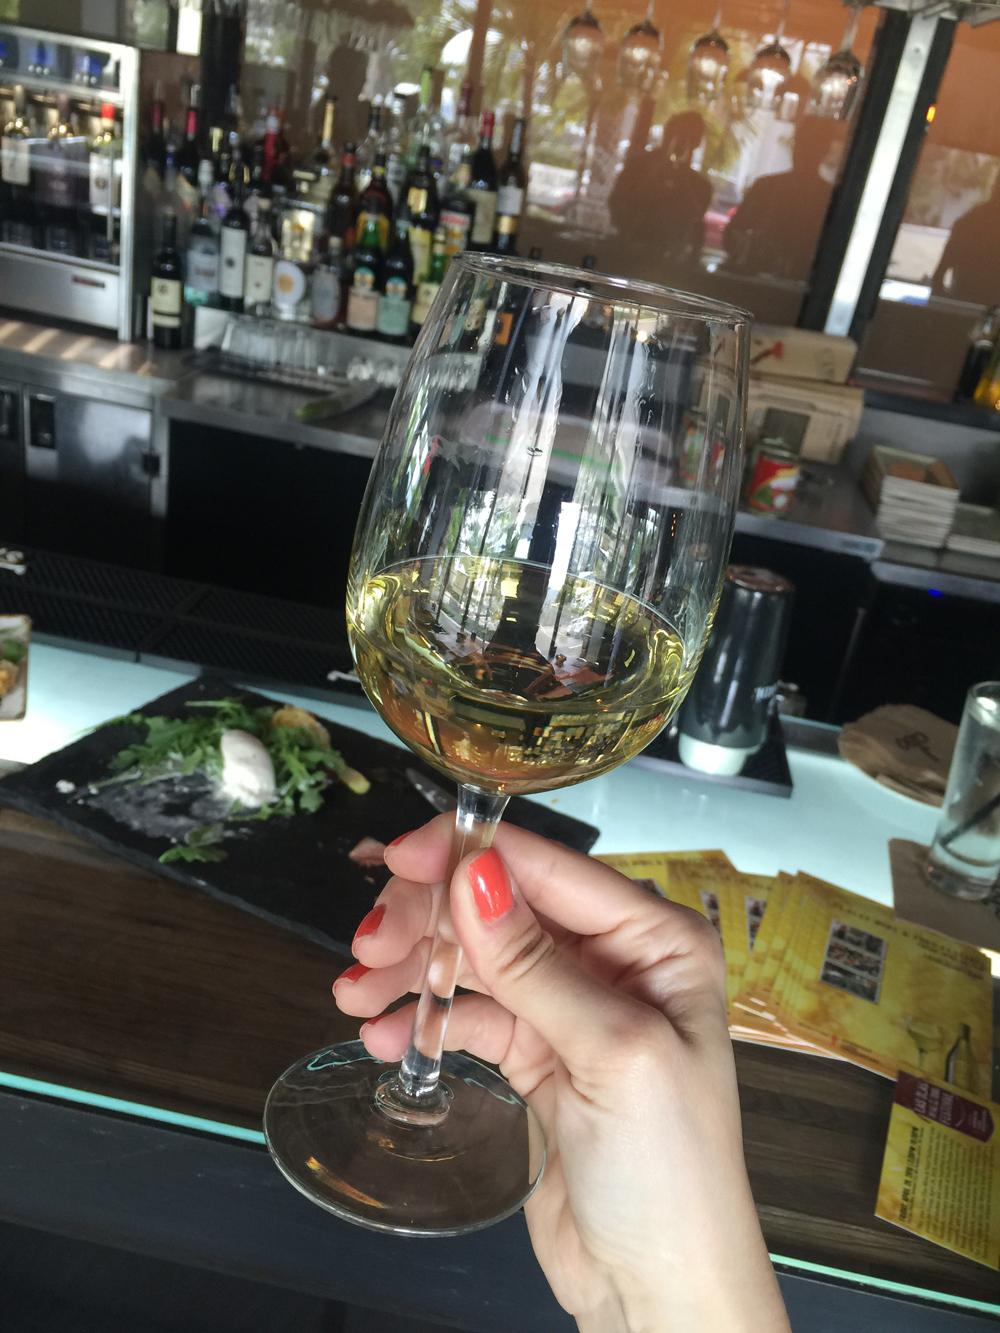 Cibo Wine restaurant in Coral Gables